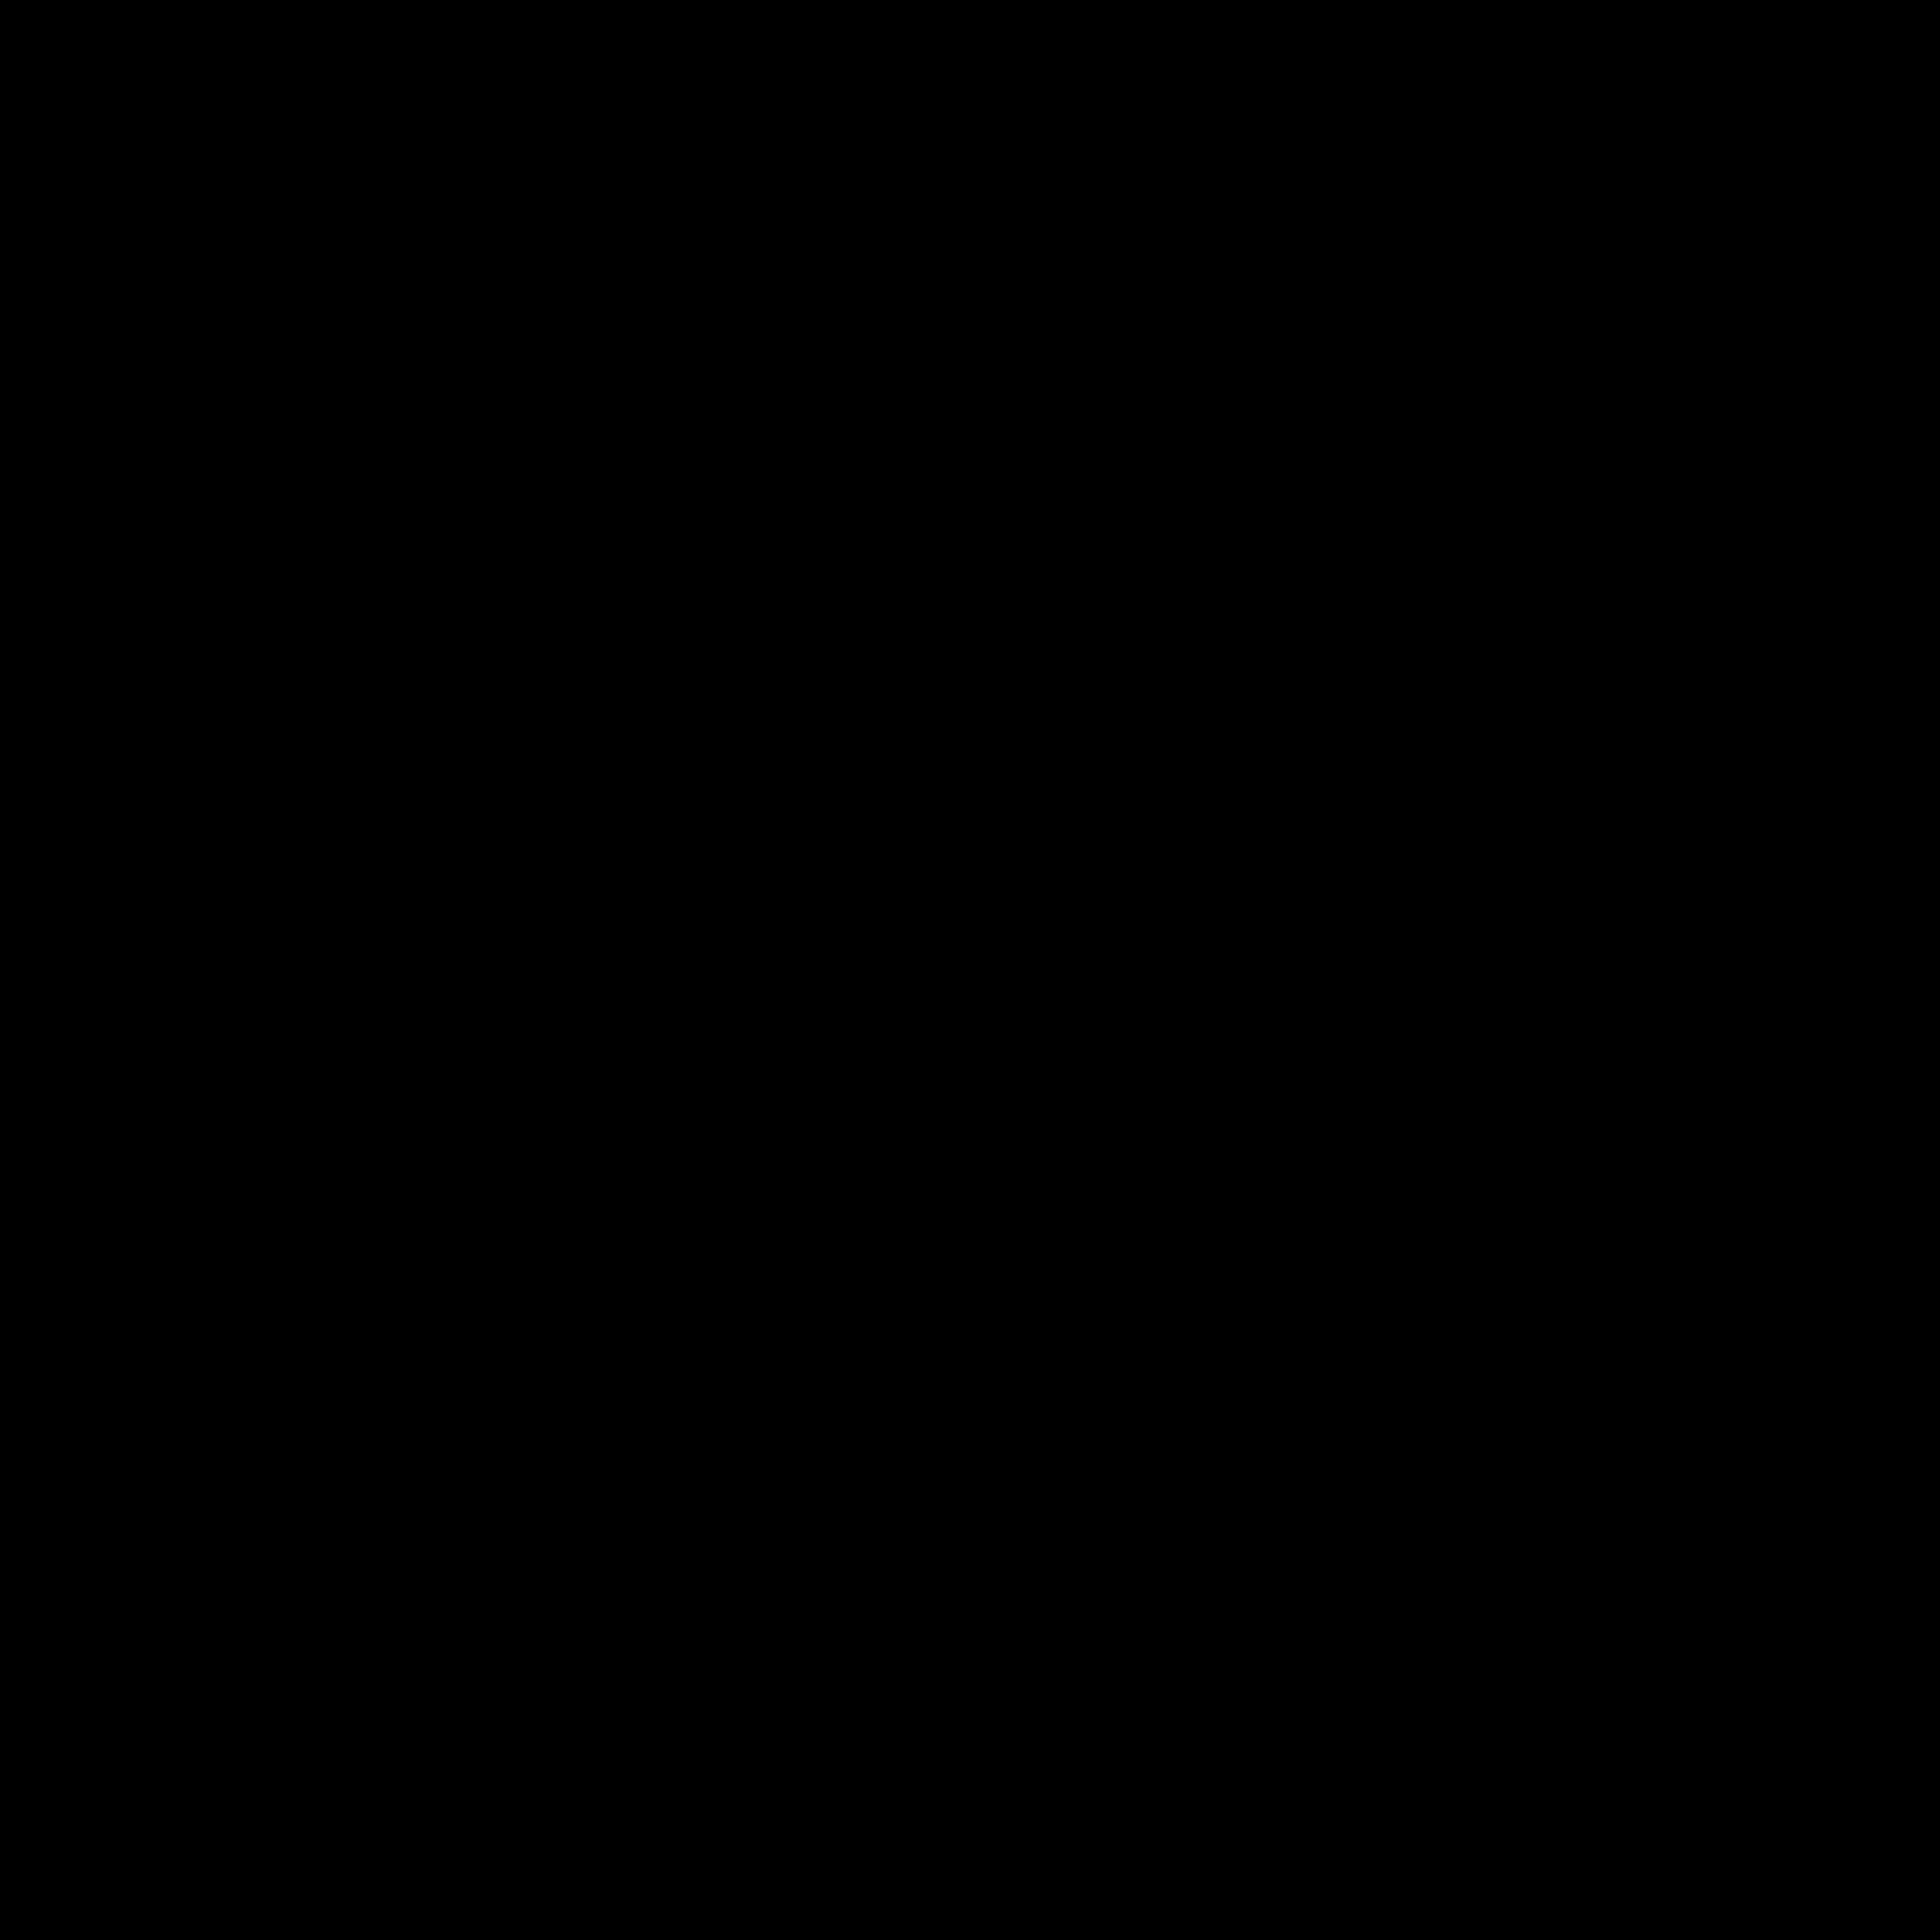 การปรับ Mindset เพื่อเพิ่มประสิทธิภาพในการทำงาน-03